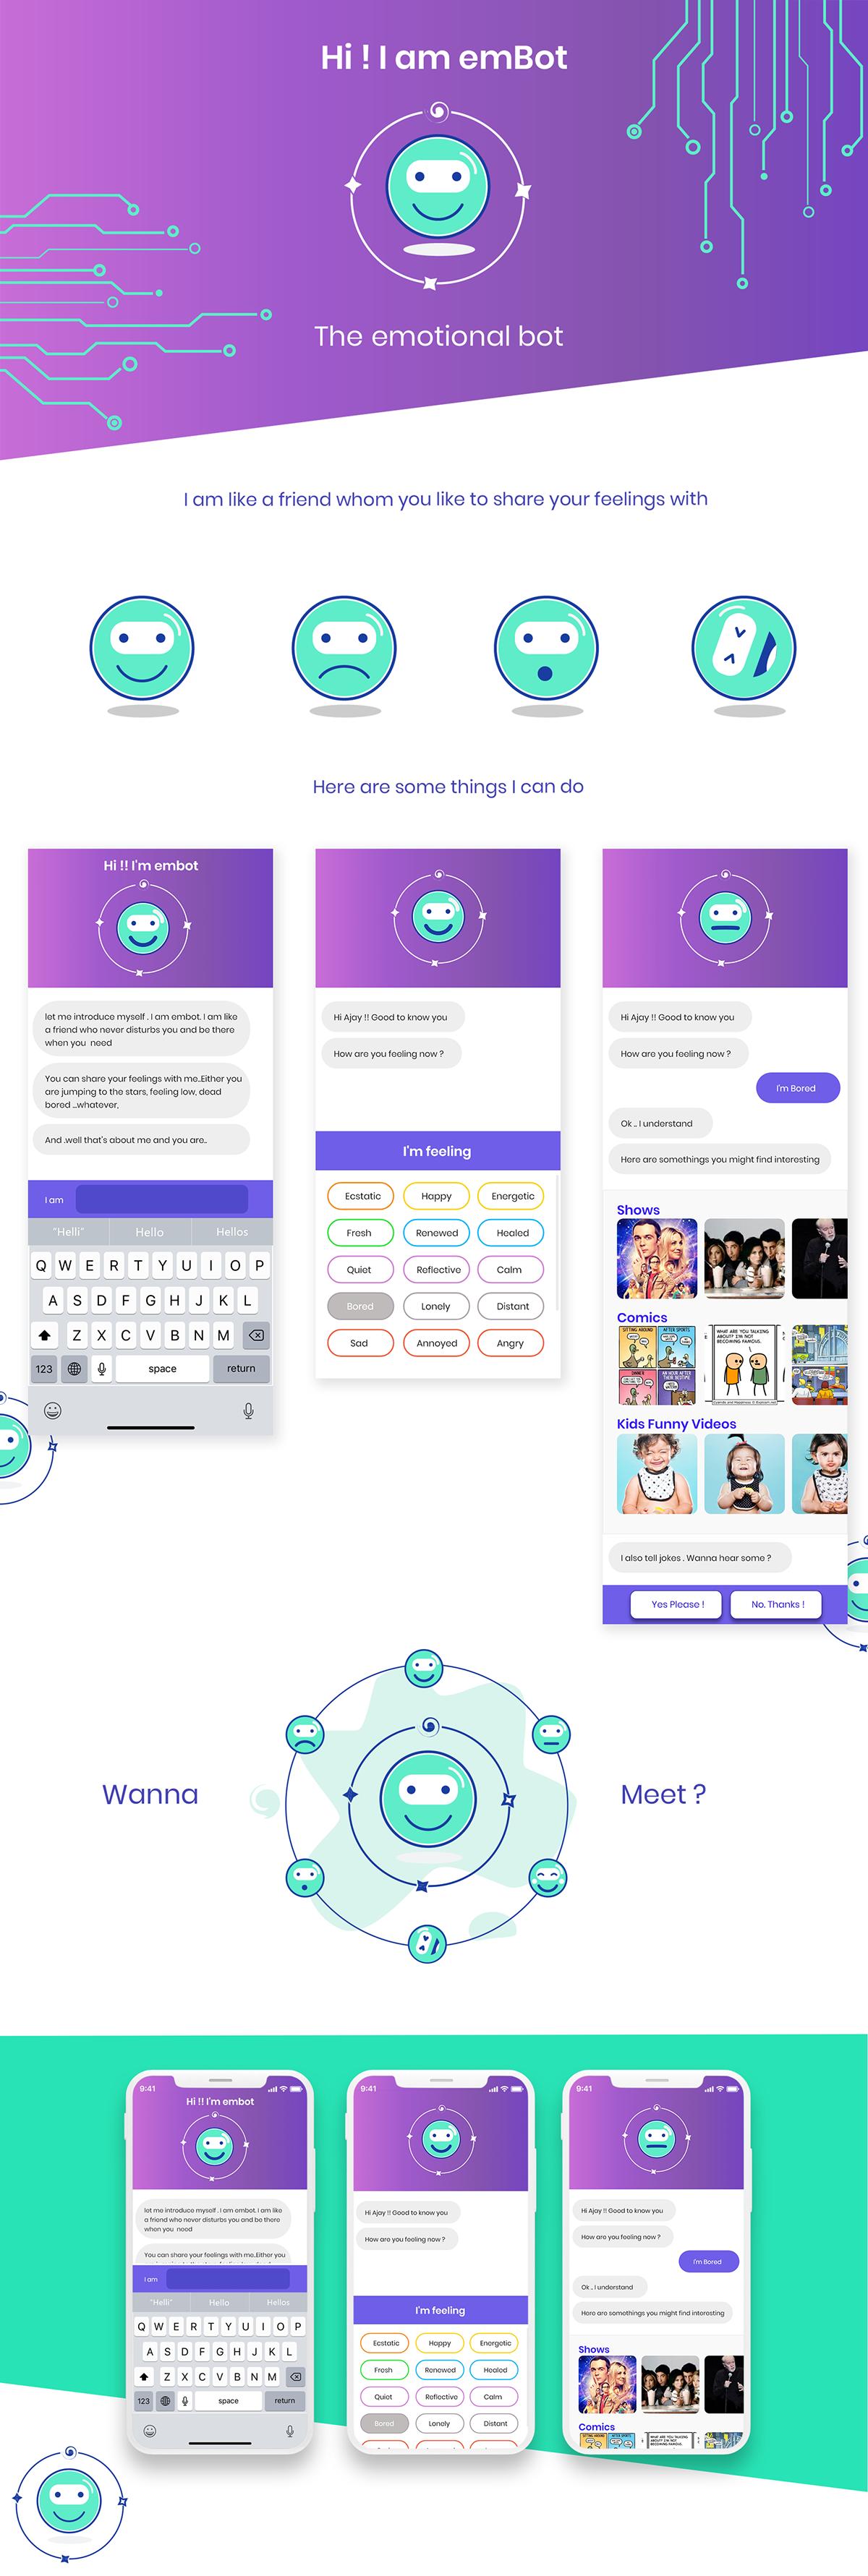 emBot - Emotional Bot - chatbot app concept on Behance